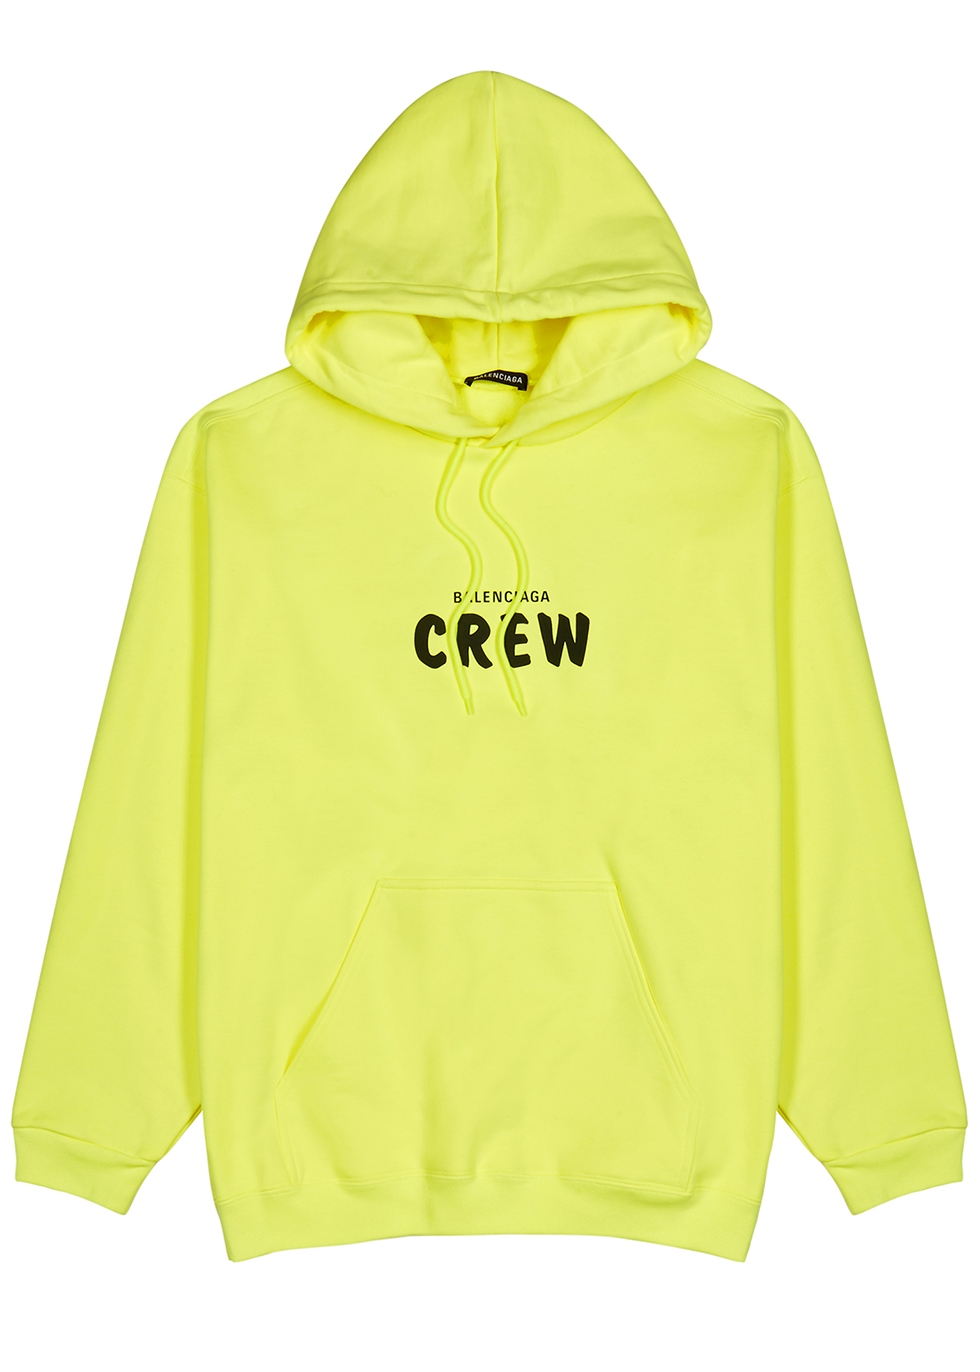 Balenciaga Crew neon yellow hooded